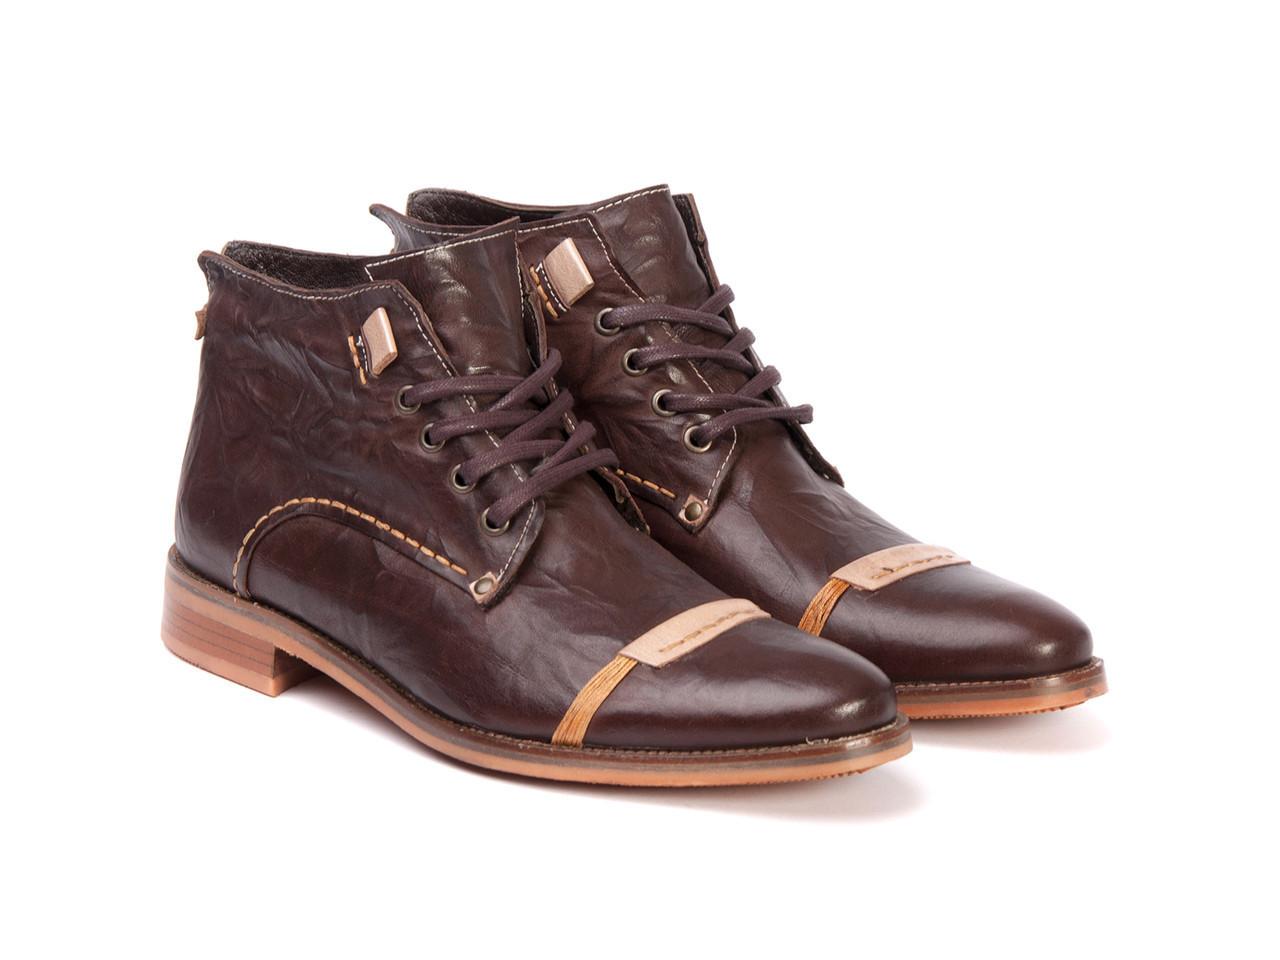 Ботинки Etor 4691-5377-03 44 коричневые